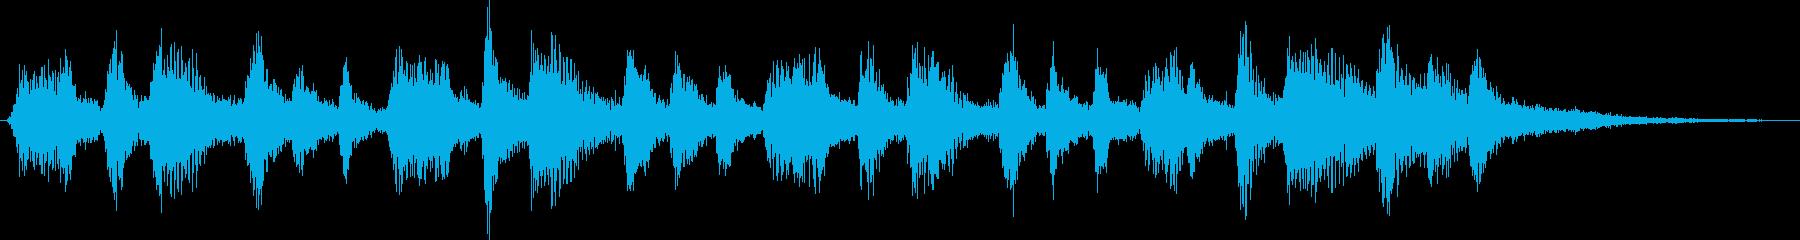 自然をイメージした神秘的なジングルの再生済みの波形